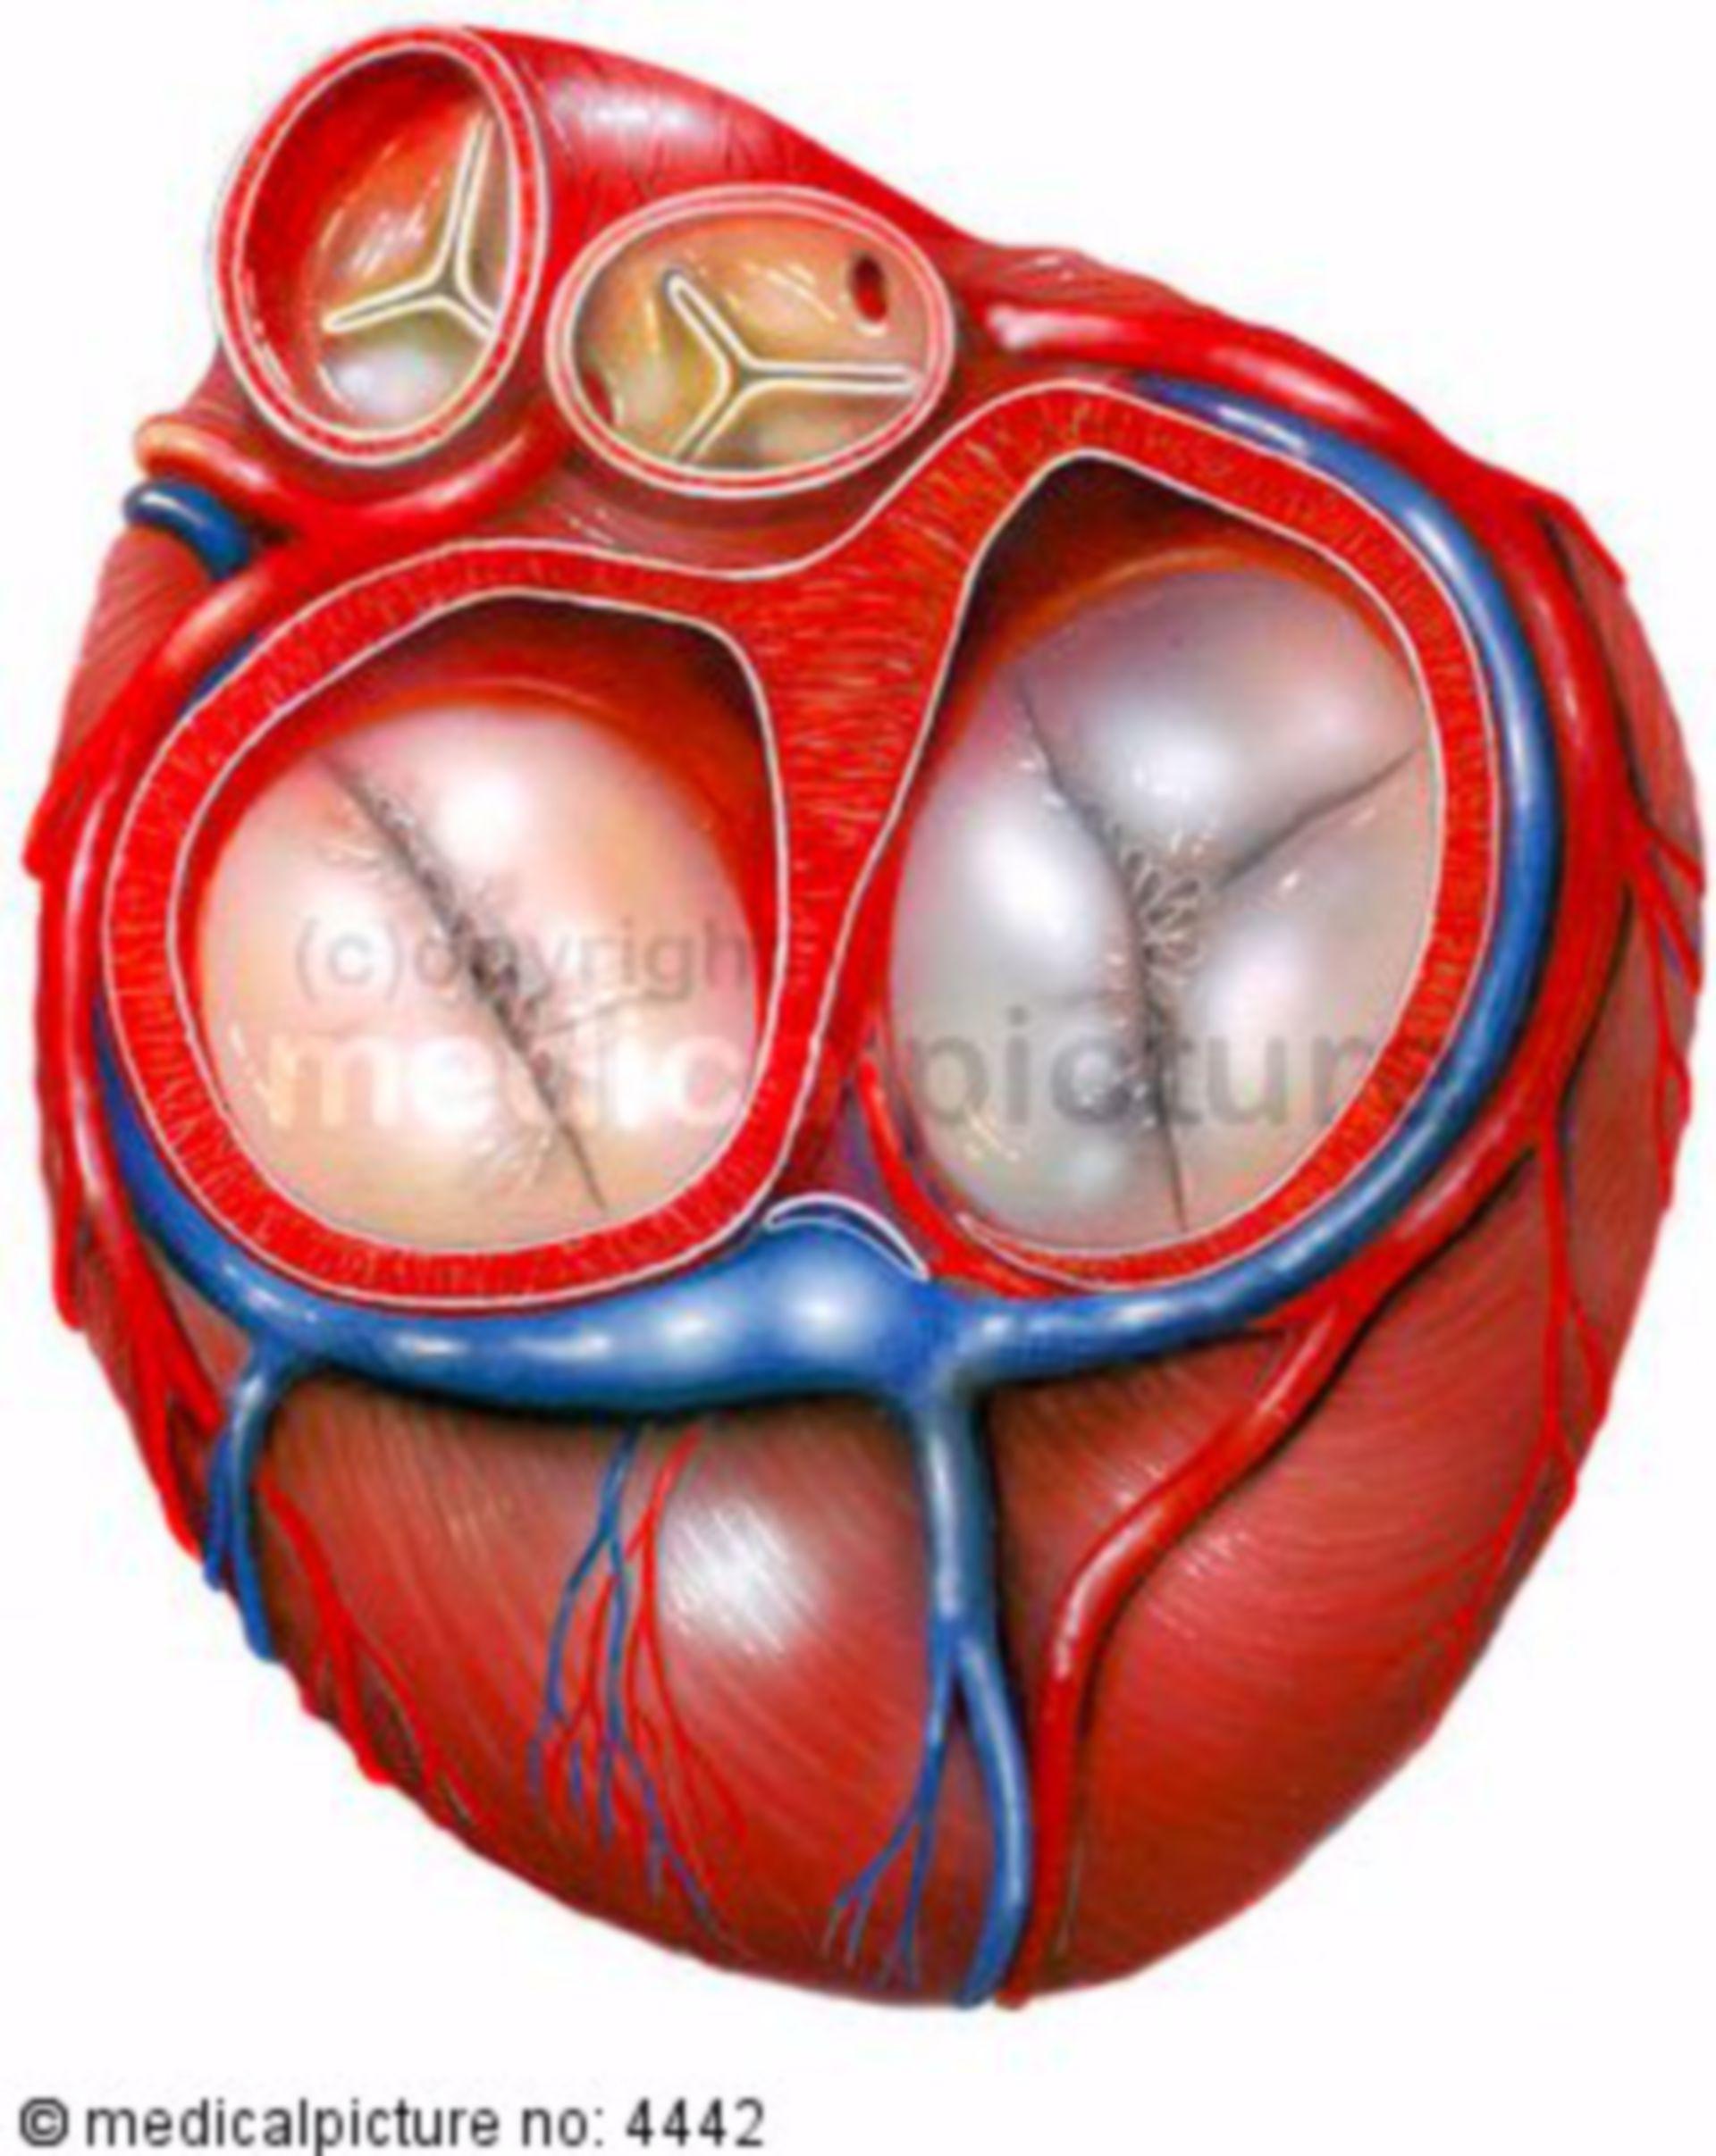 Valvola cardiaca